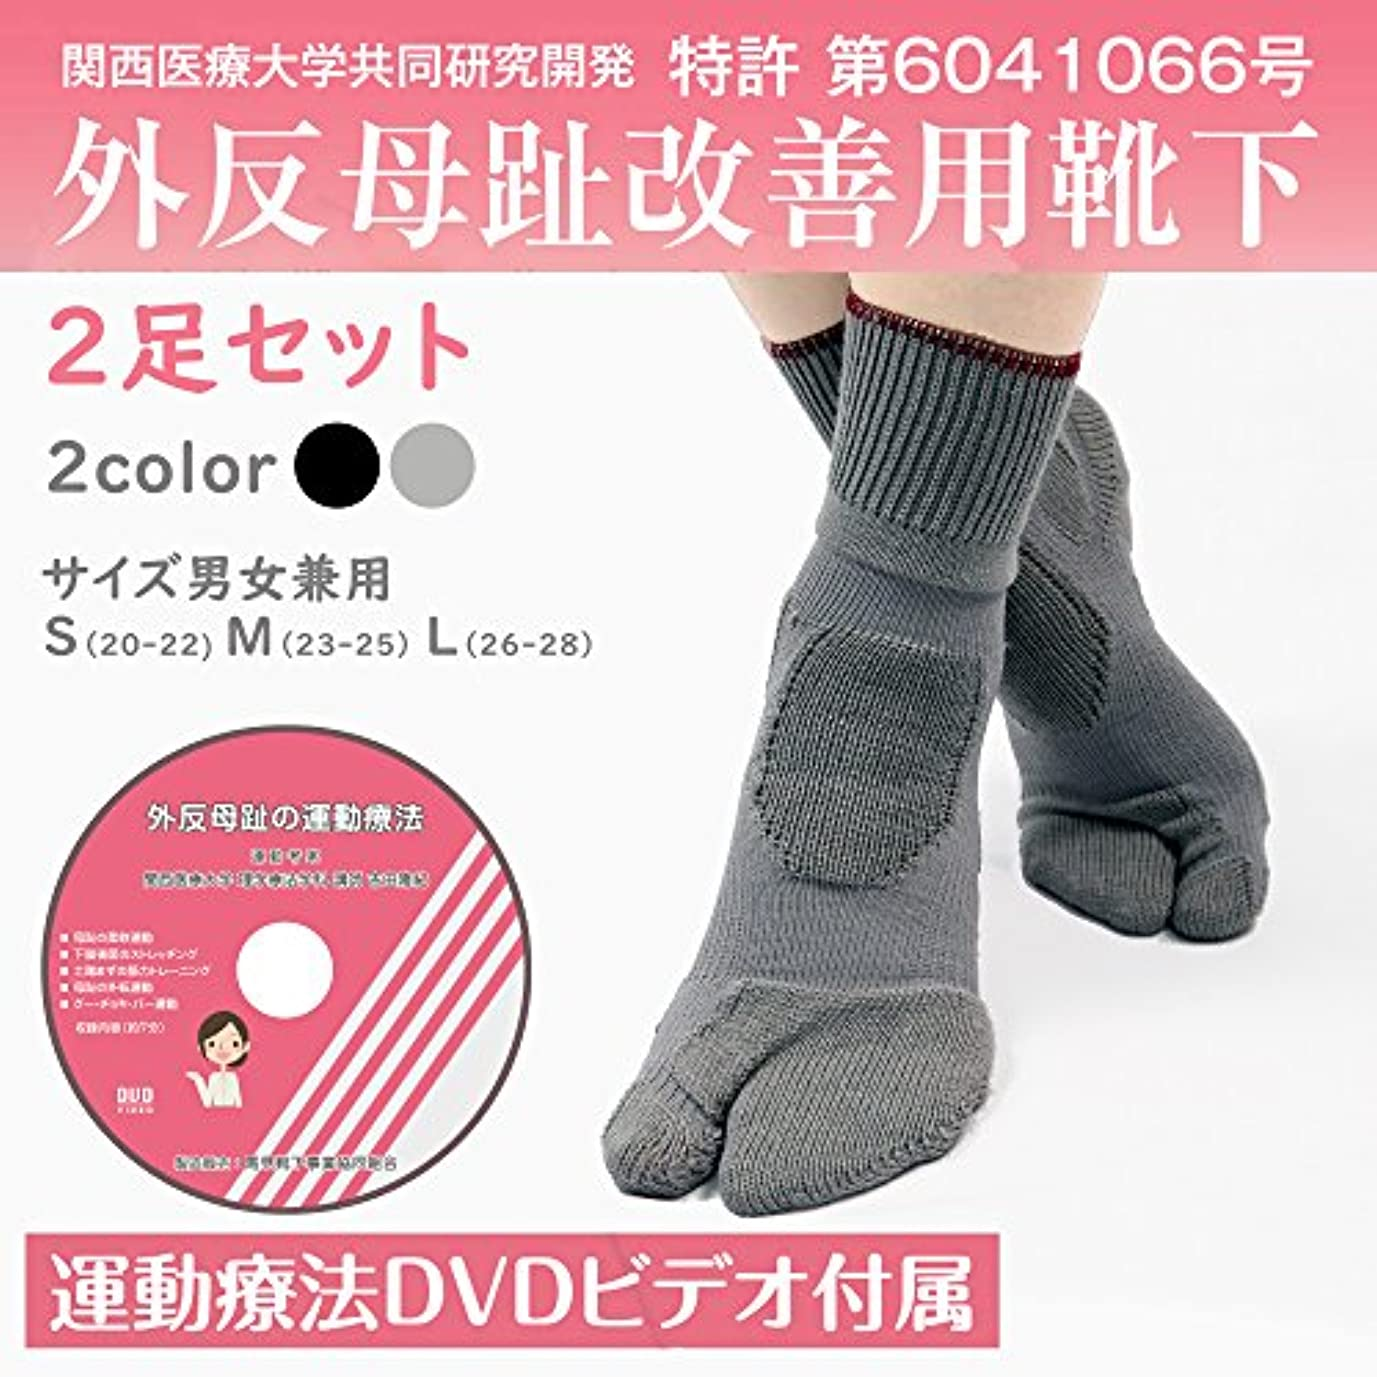 りローズ急速な外反母趾改善用靴下2足セット、運動療法DVDビデオ付(カサネラボ)kasane lab. (グレー, S:20-22cm)